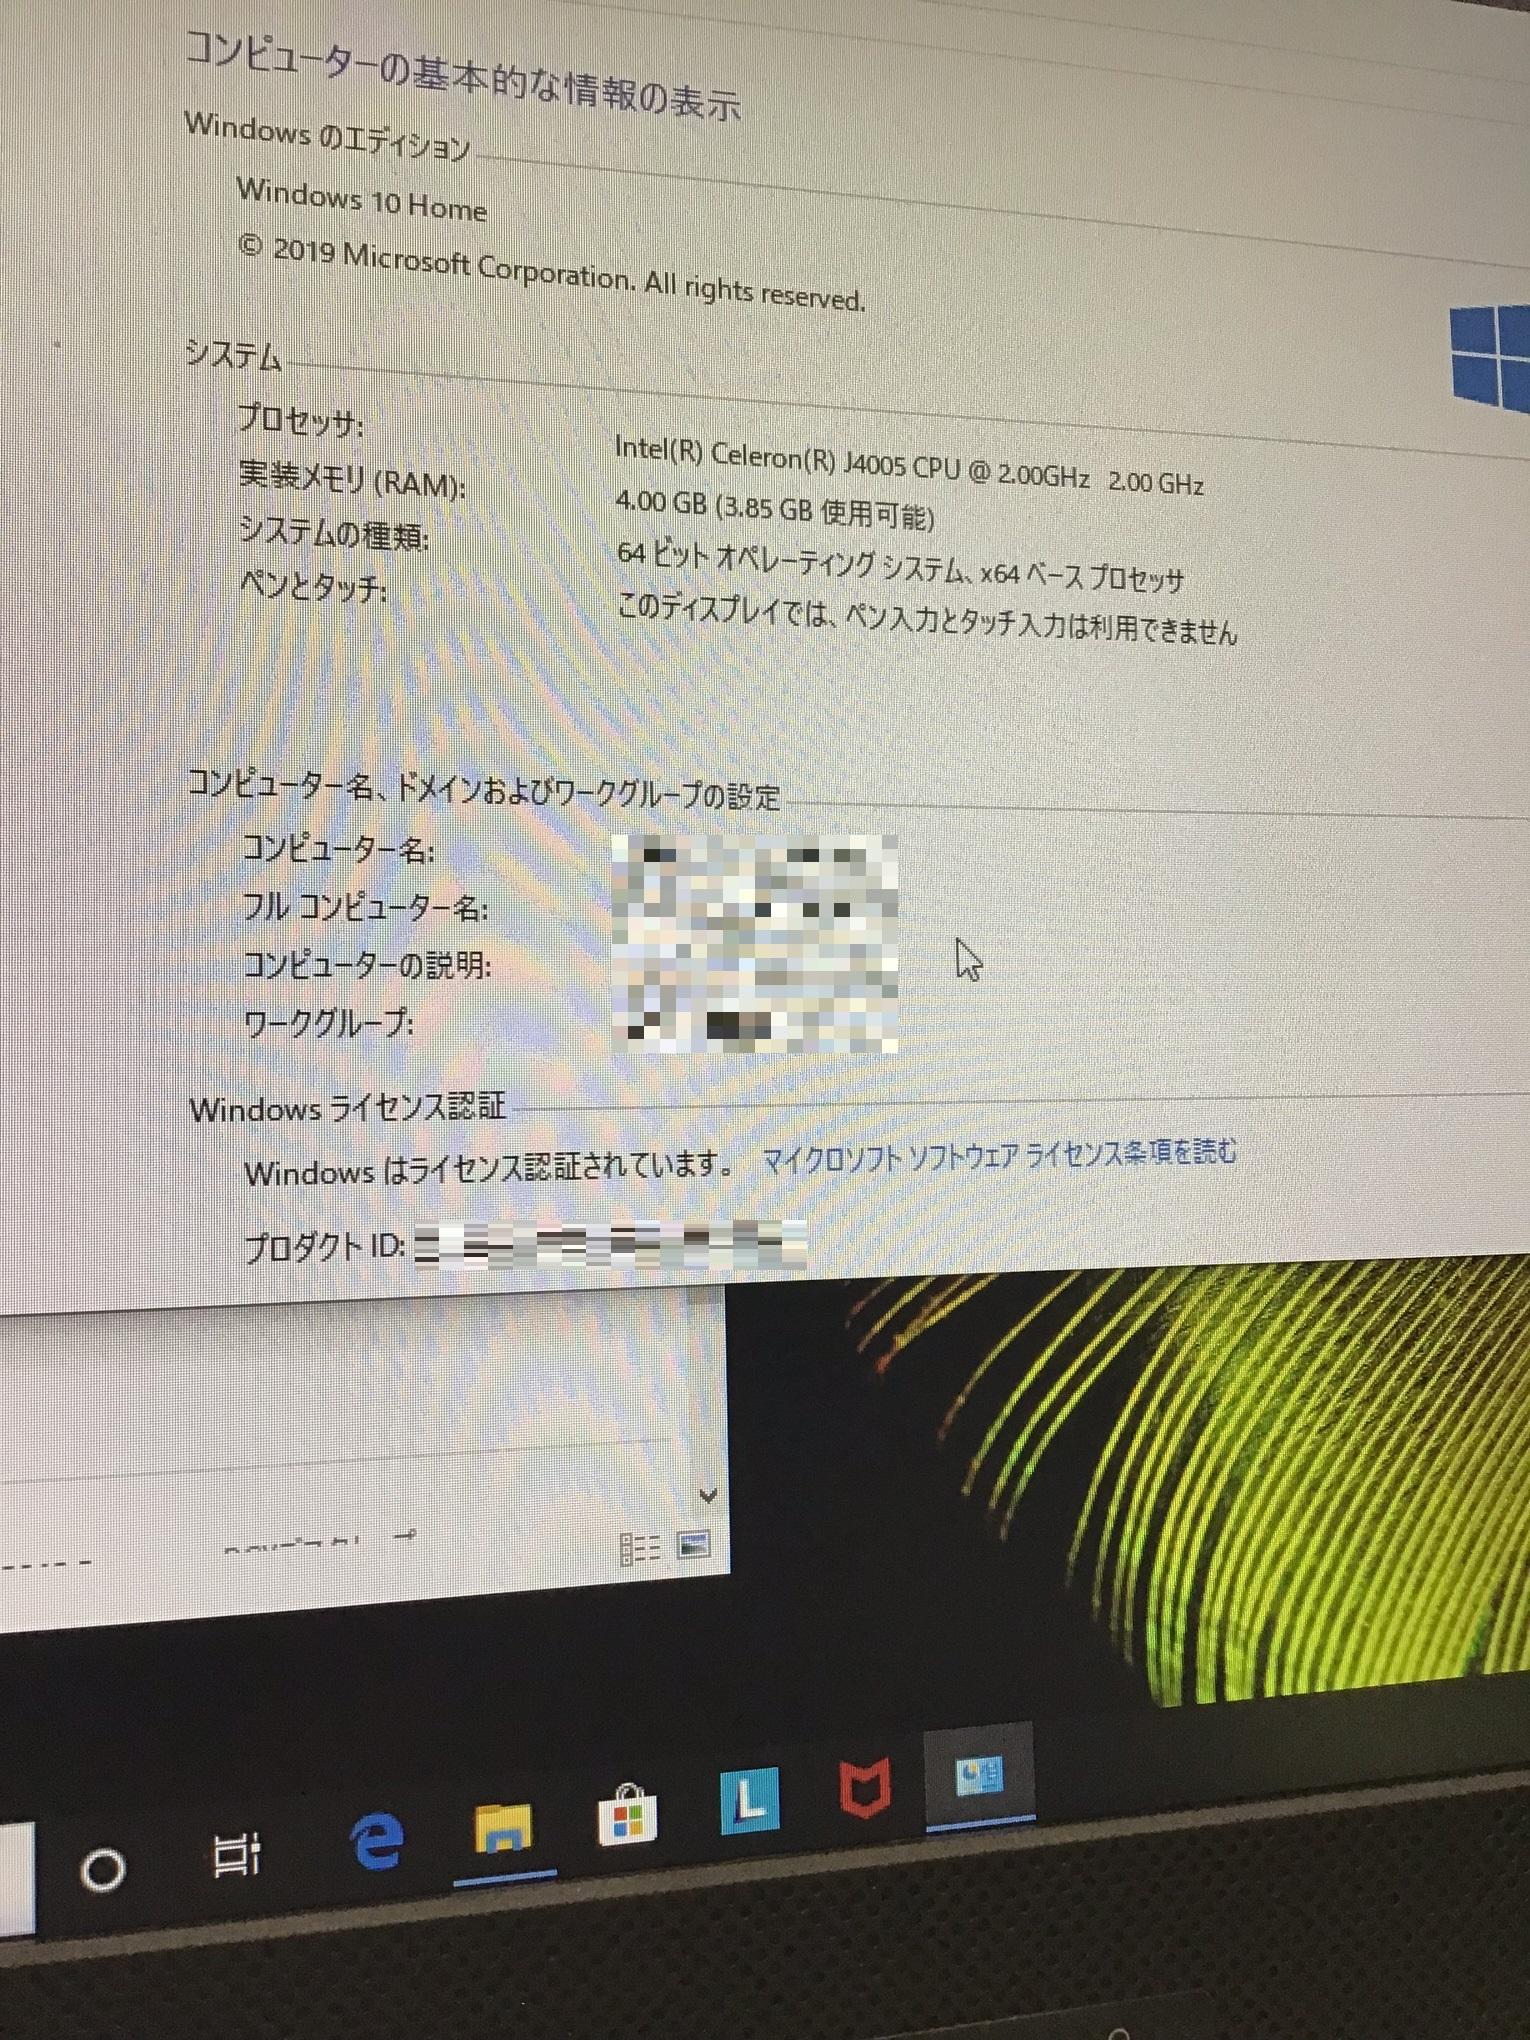 東京都北区 デスクトップパソコンの買い替えと設定/レノボ Windows 10のイメージ